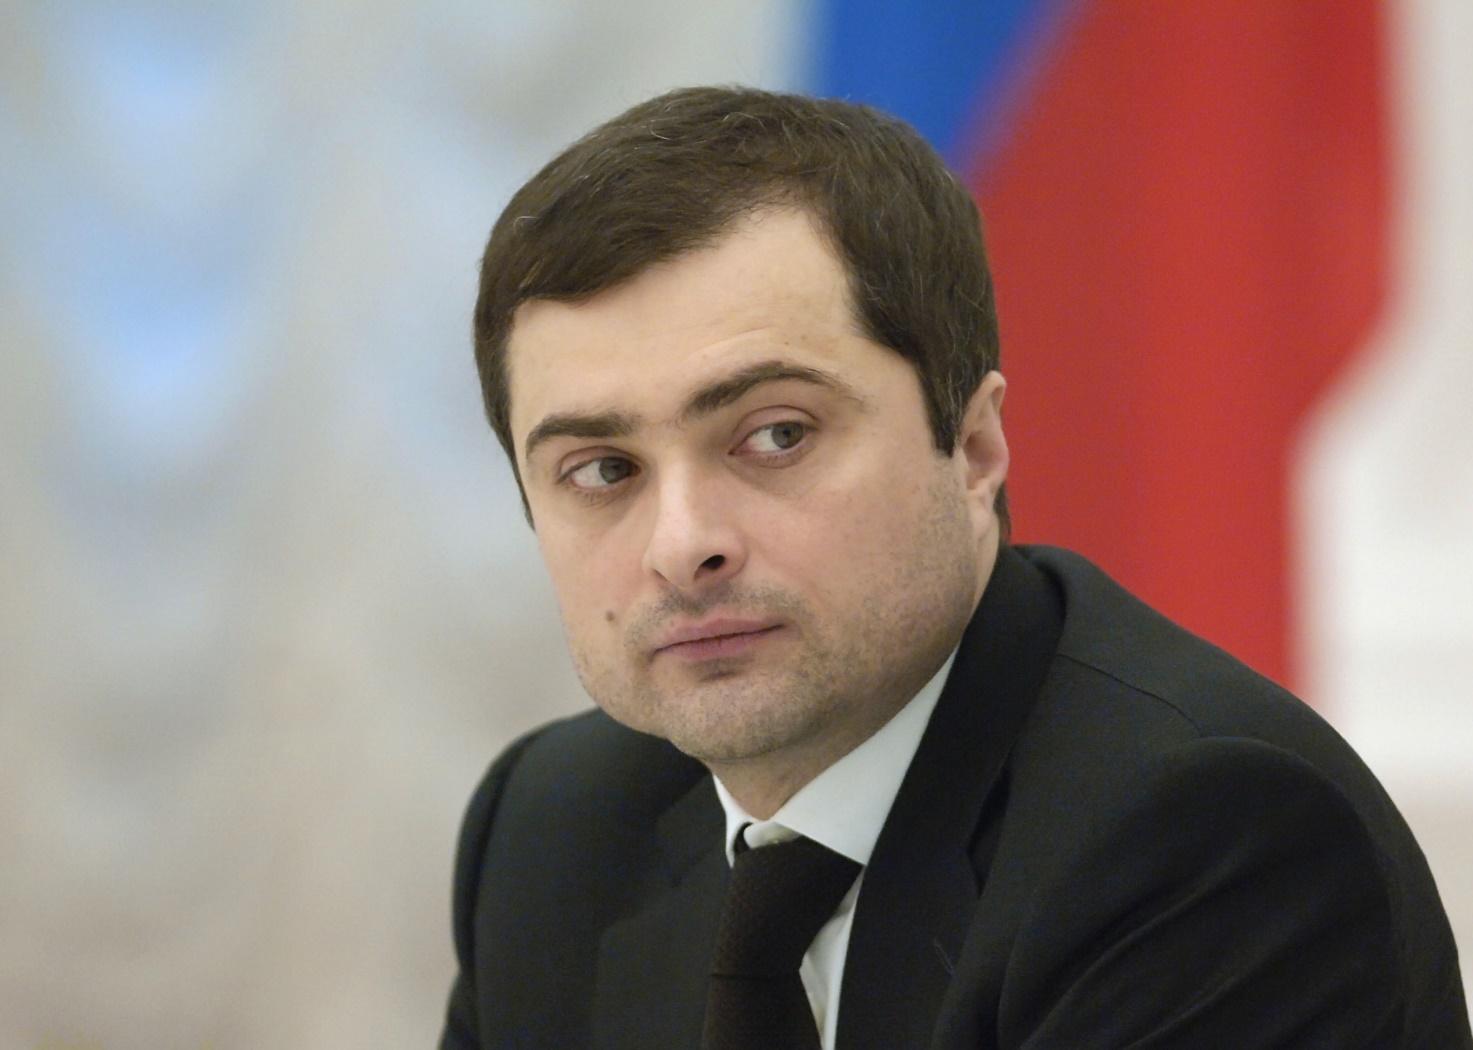 Президент Путин уволил подчиненных Суркова, которые курировали сепаратистов в Украине